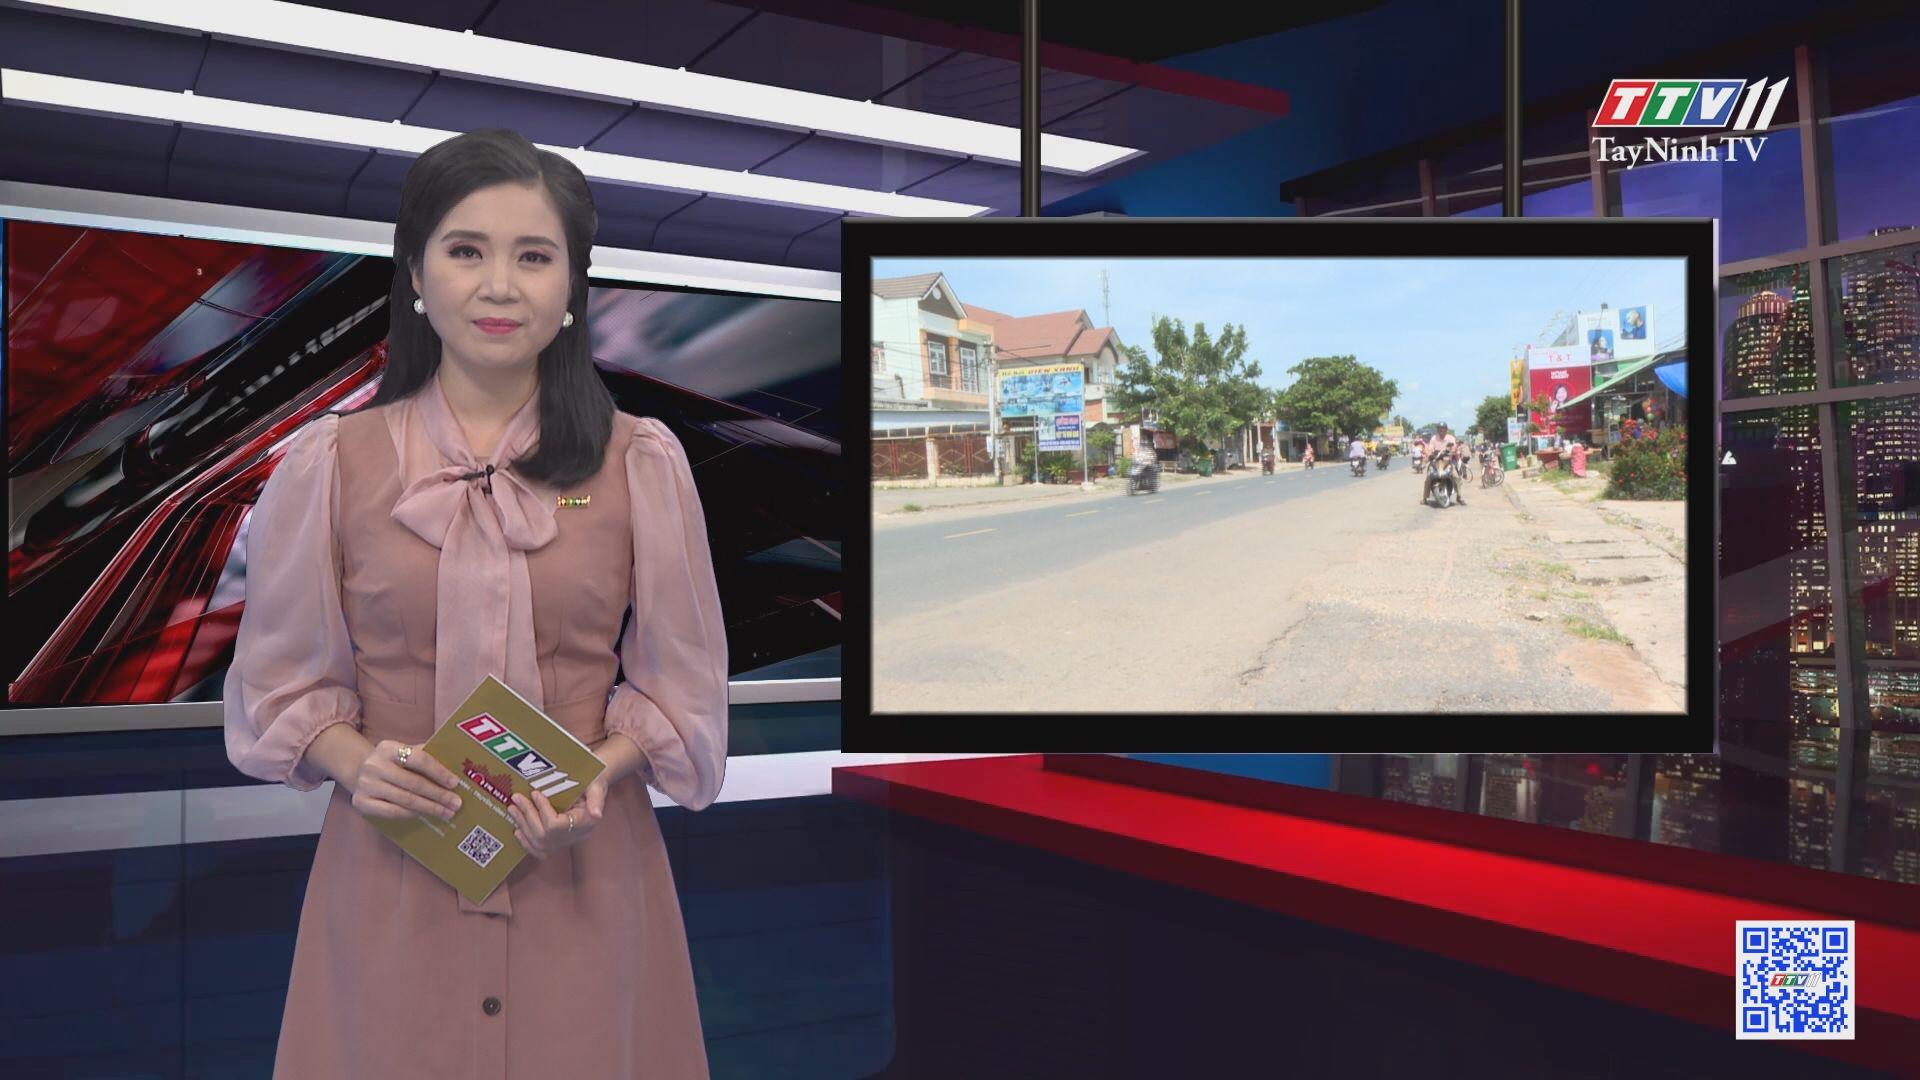 Nón bảo hiểm đồng hành trên mỗi cung đường | VĂN HÓA GIAO THÔNG | TayNinhTV